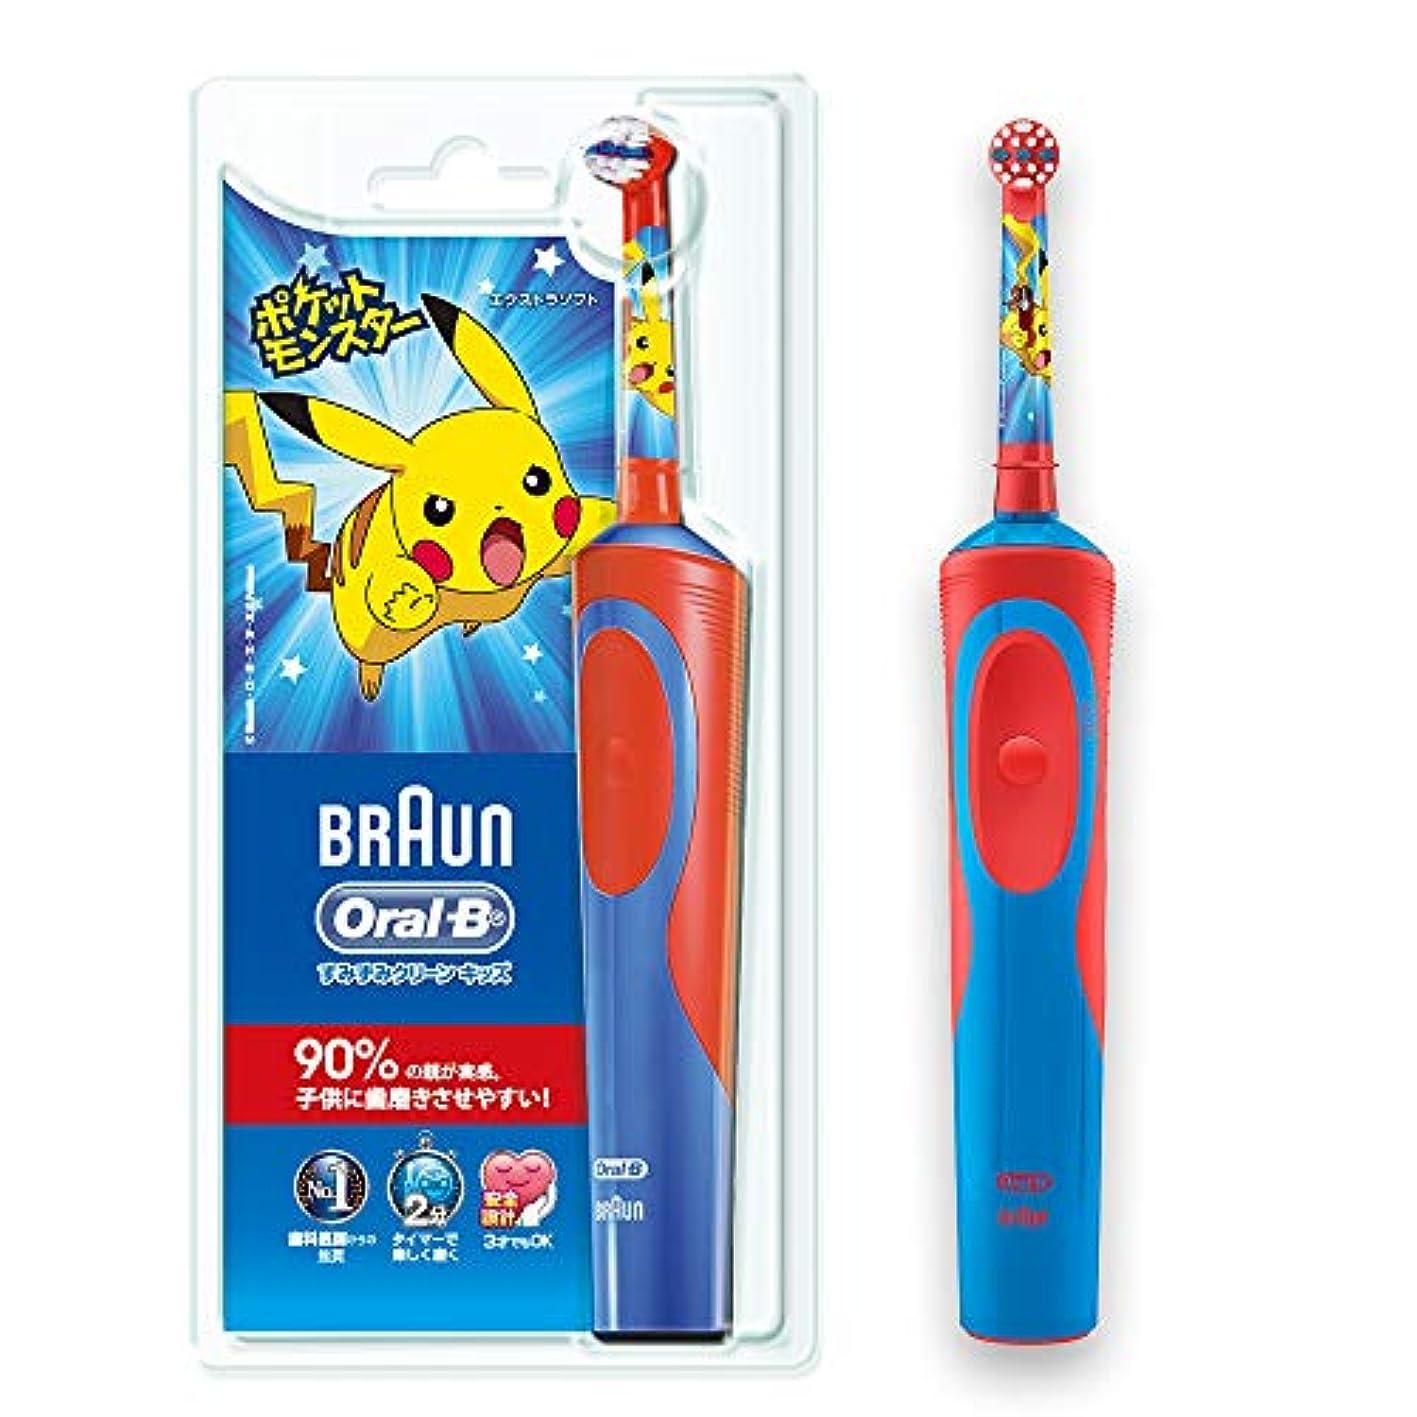 フリルいとこ才能ブラウン オーラルB 電動歯ブラシ 子供用 D12513KPKMB すみずみクリーンキッズ 本体 レッド ポケモン 歯ブラシ